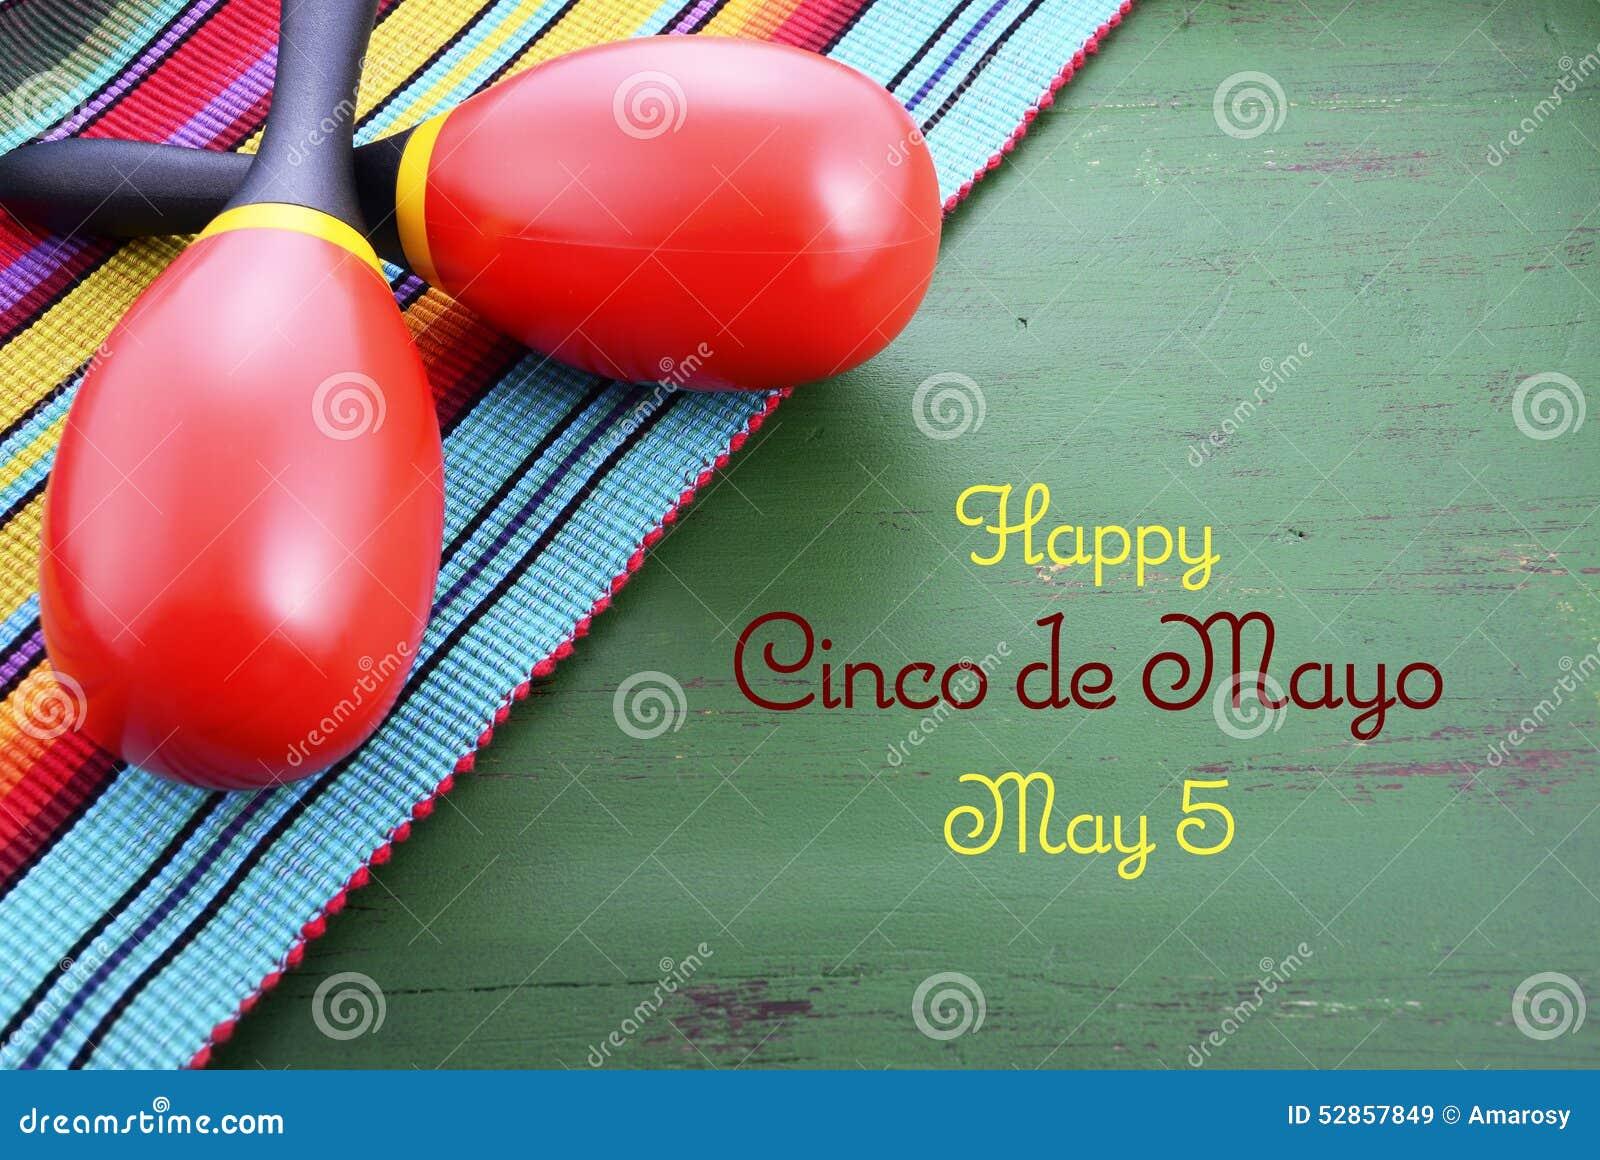 Happy Cinco de Mayo background